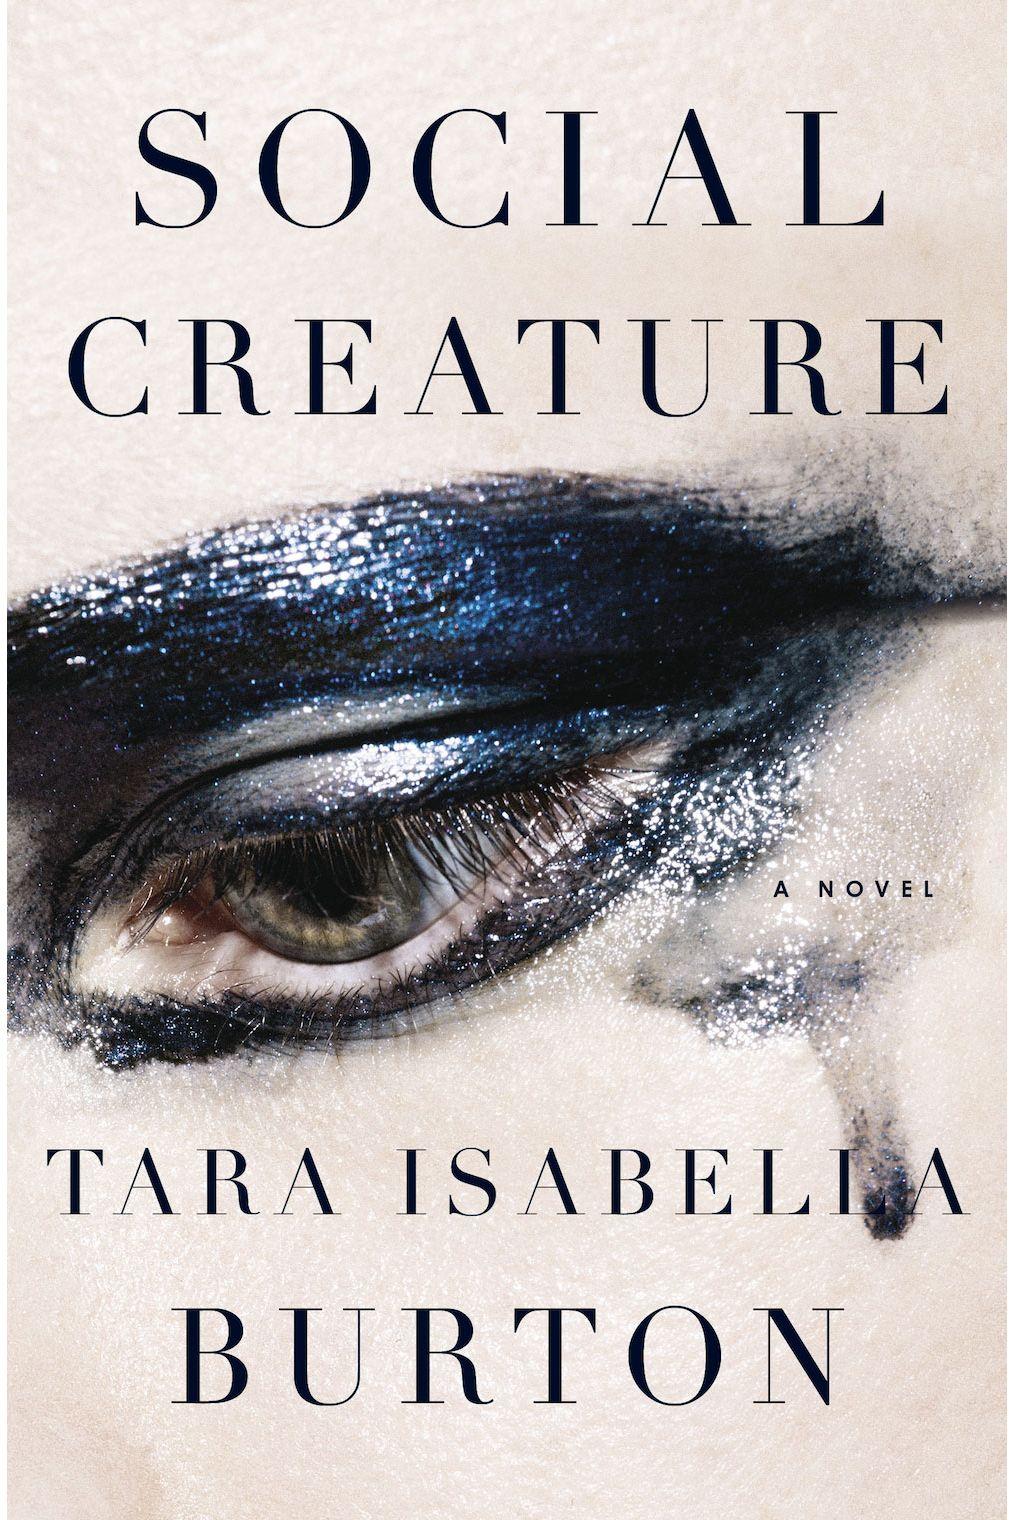 5. Social Creature, by Tara Isabella Burton (Doubleday)